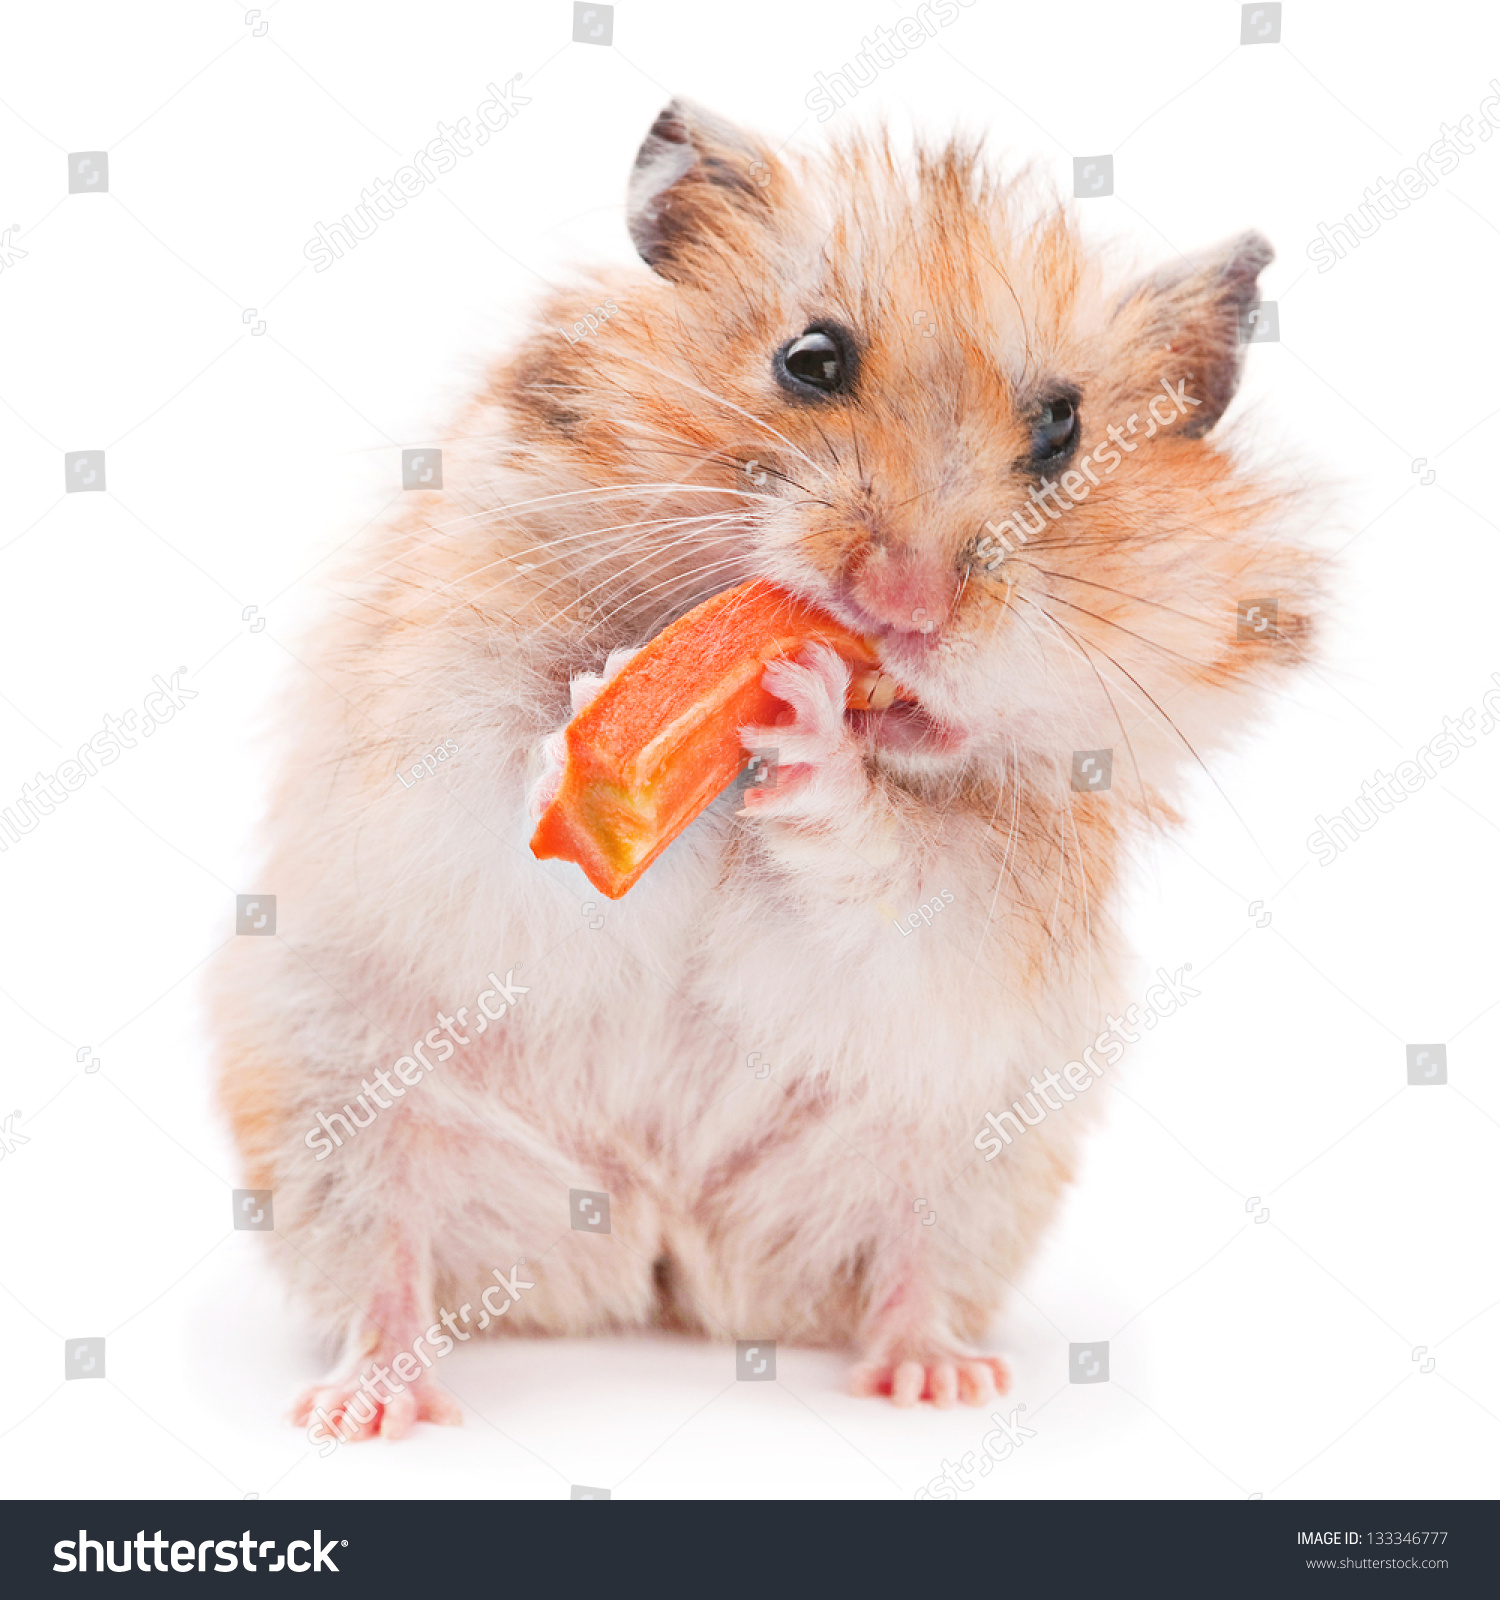 仓鼠吃胡萝卜-动物/野生生物-海洛创意(hellorf)-中国